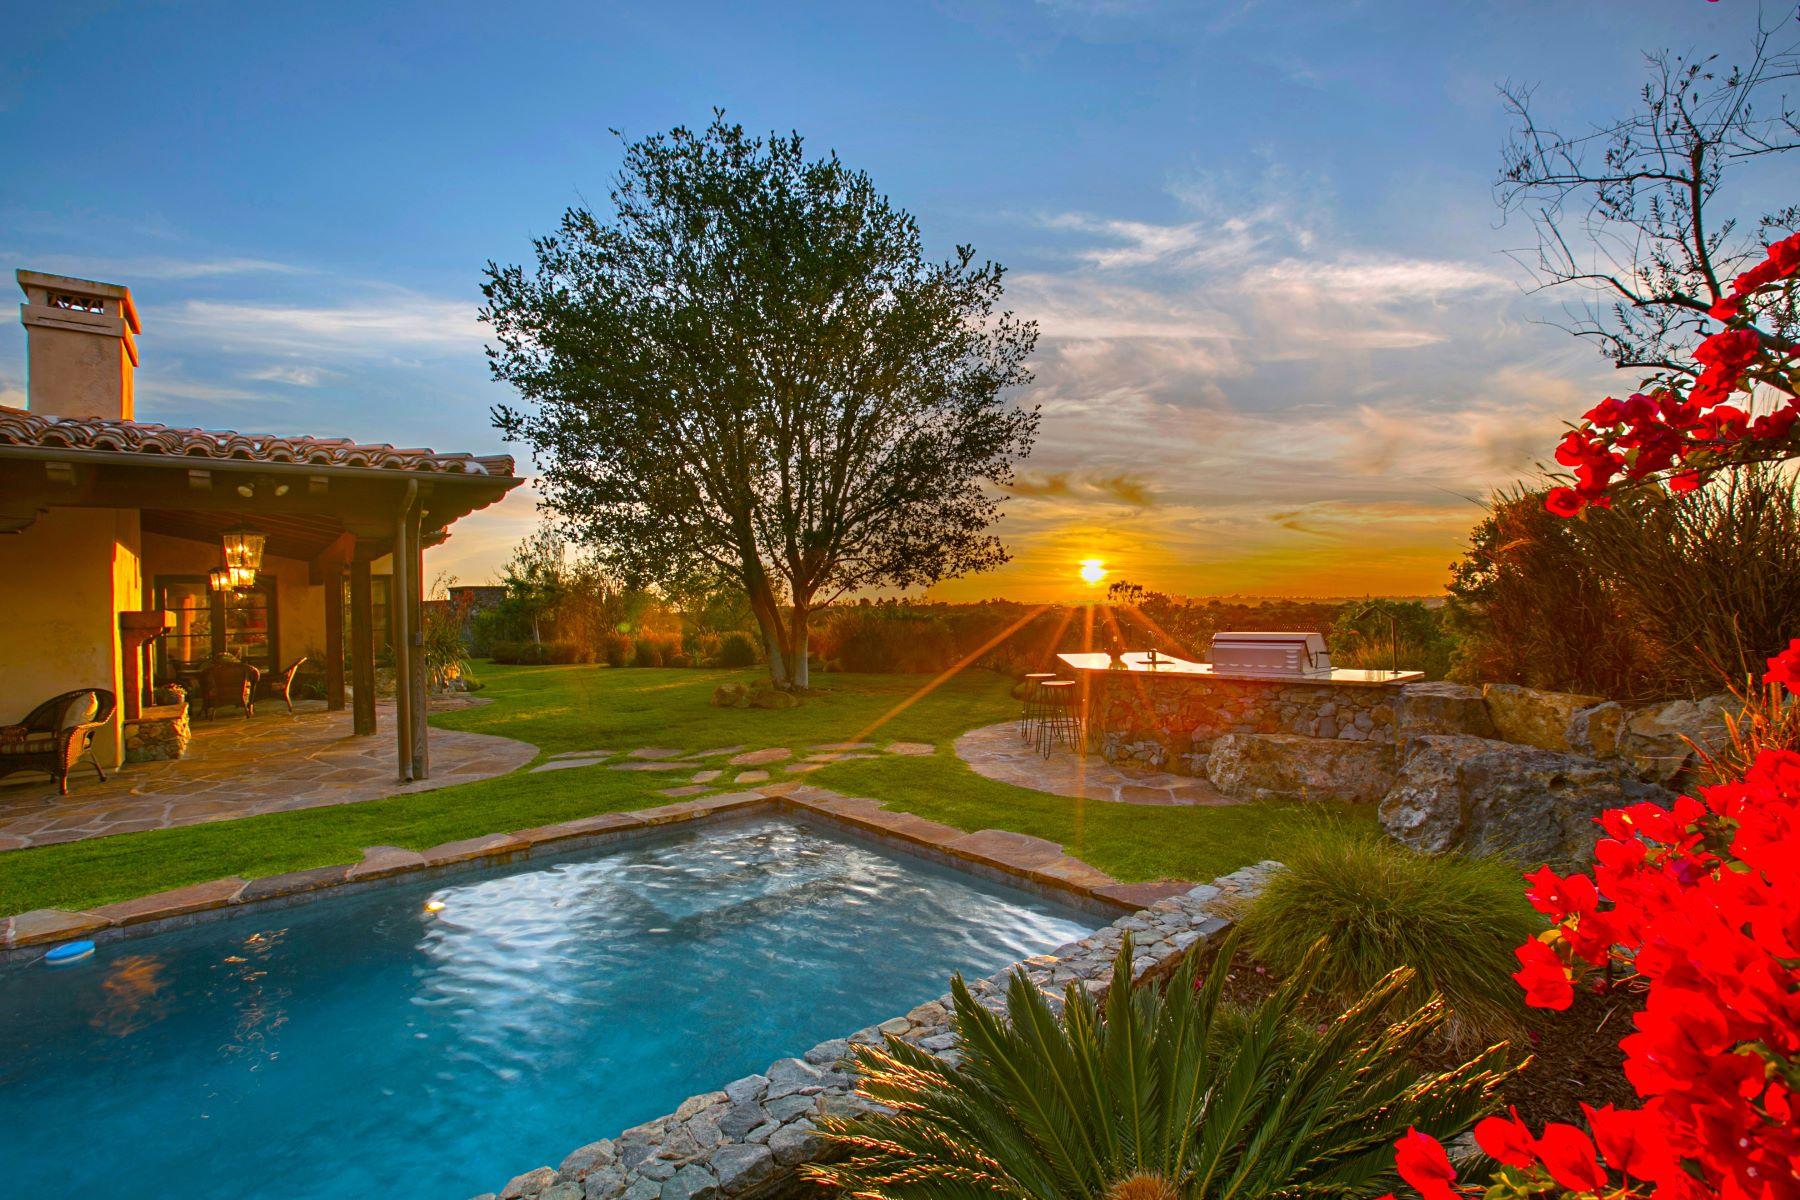 独户住宅 为 销售 在 6910 The Preserve Way 圣地亚哥, 加利福尼亚州 92130 美国